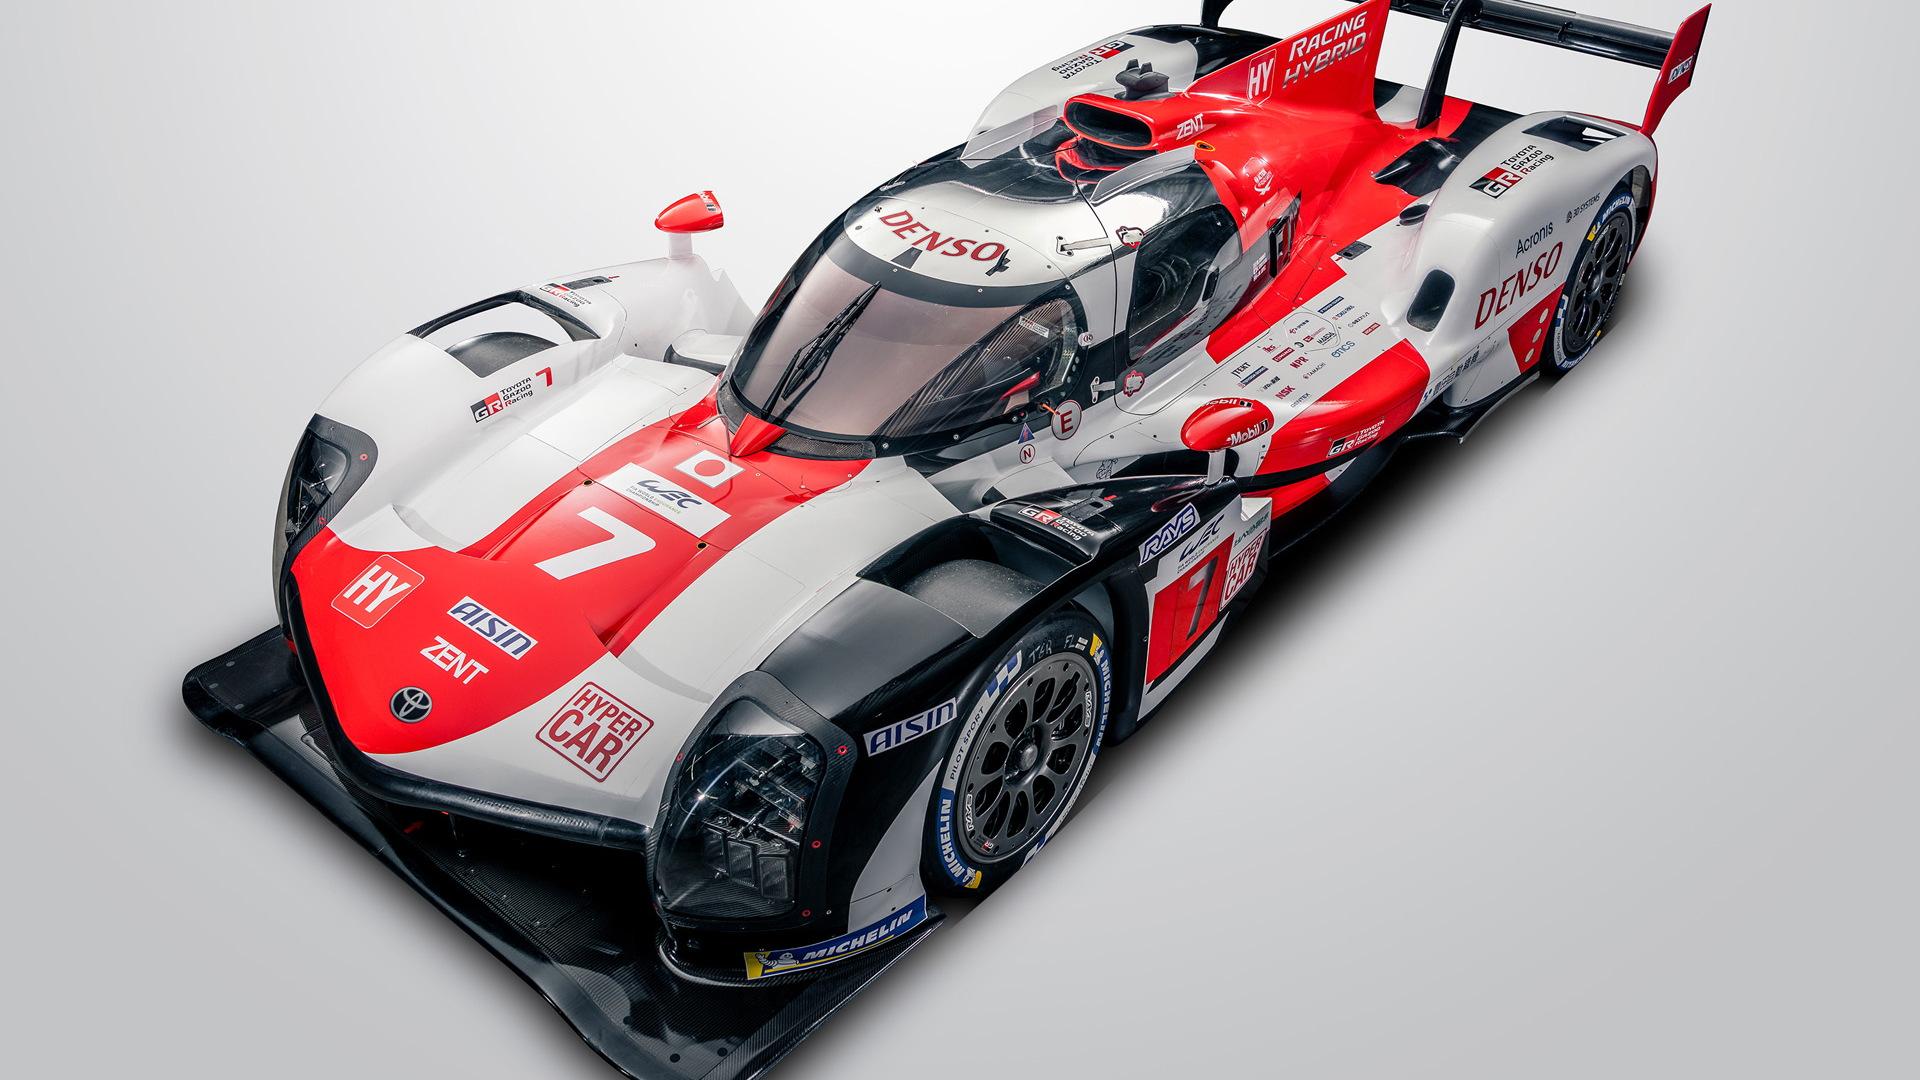 2021 Toyota GR010 Hybrid Le Mans Hypercar race car